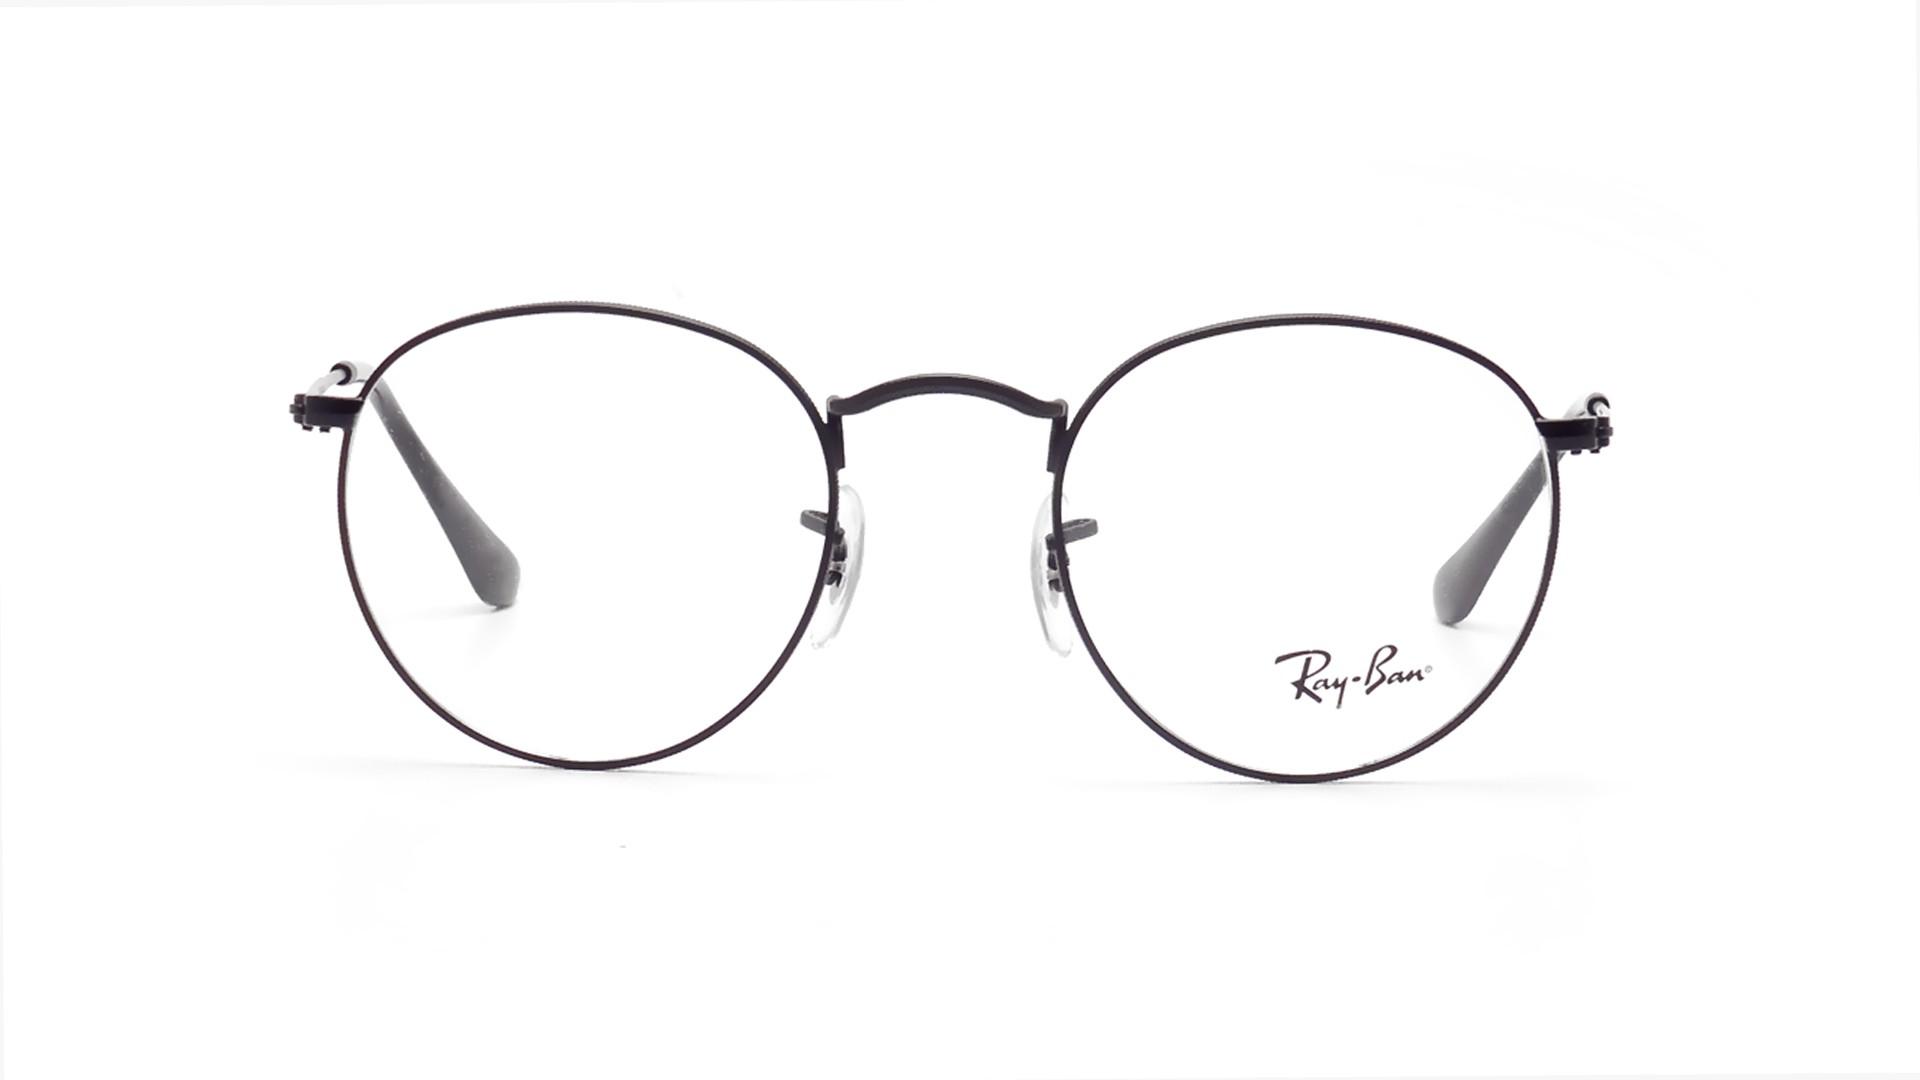 910d16891c Lunettes de vue Ray-Ban Round Metal RX3447 RB3447V 2503 47-21 Noir | Prix  74,50 € | Visiofactory